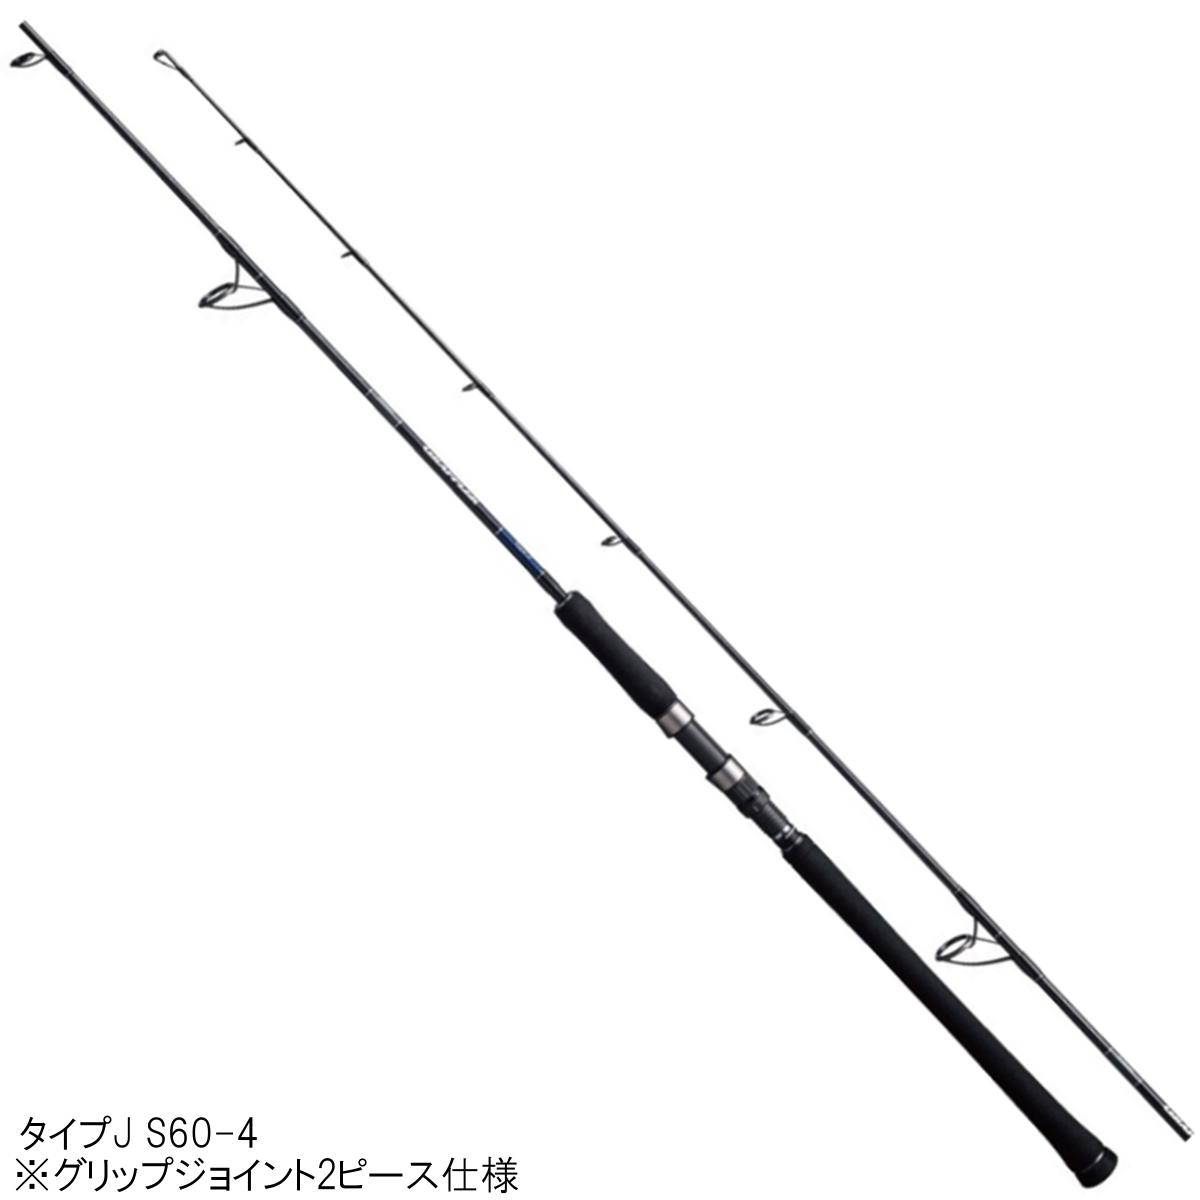 【3店舗で買いまわりをしてP10倍!】シマノ グラップラー タイプJ S60-4